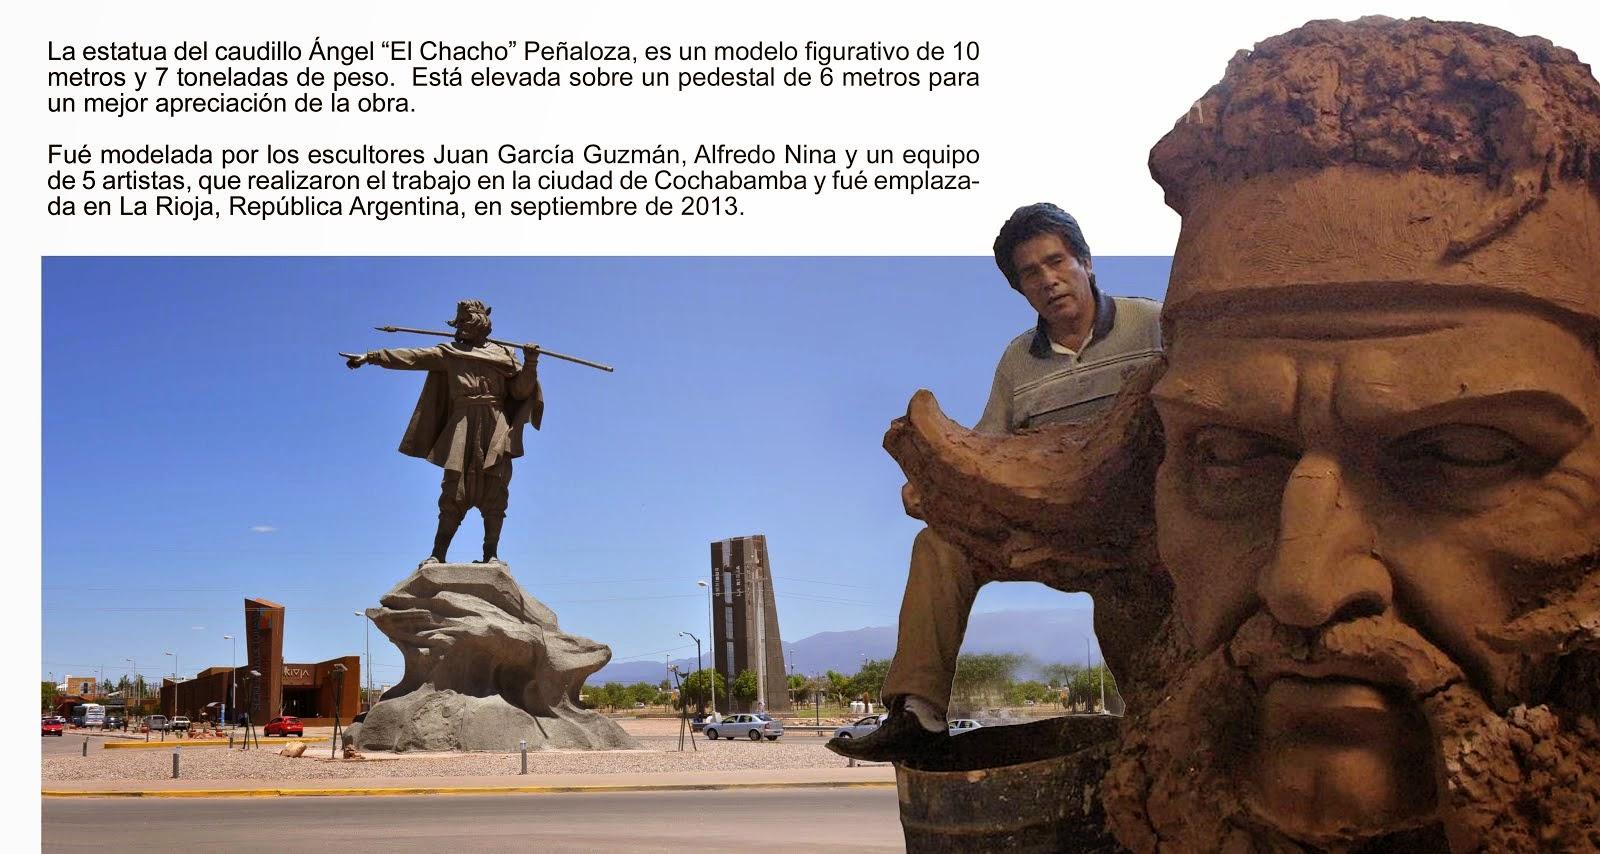 El monumento al Chacho Peñaloza